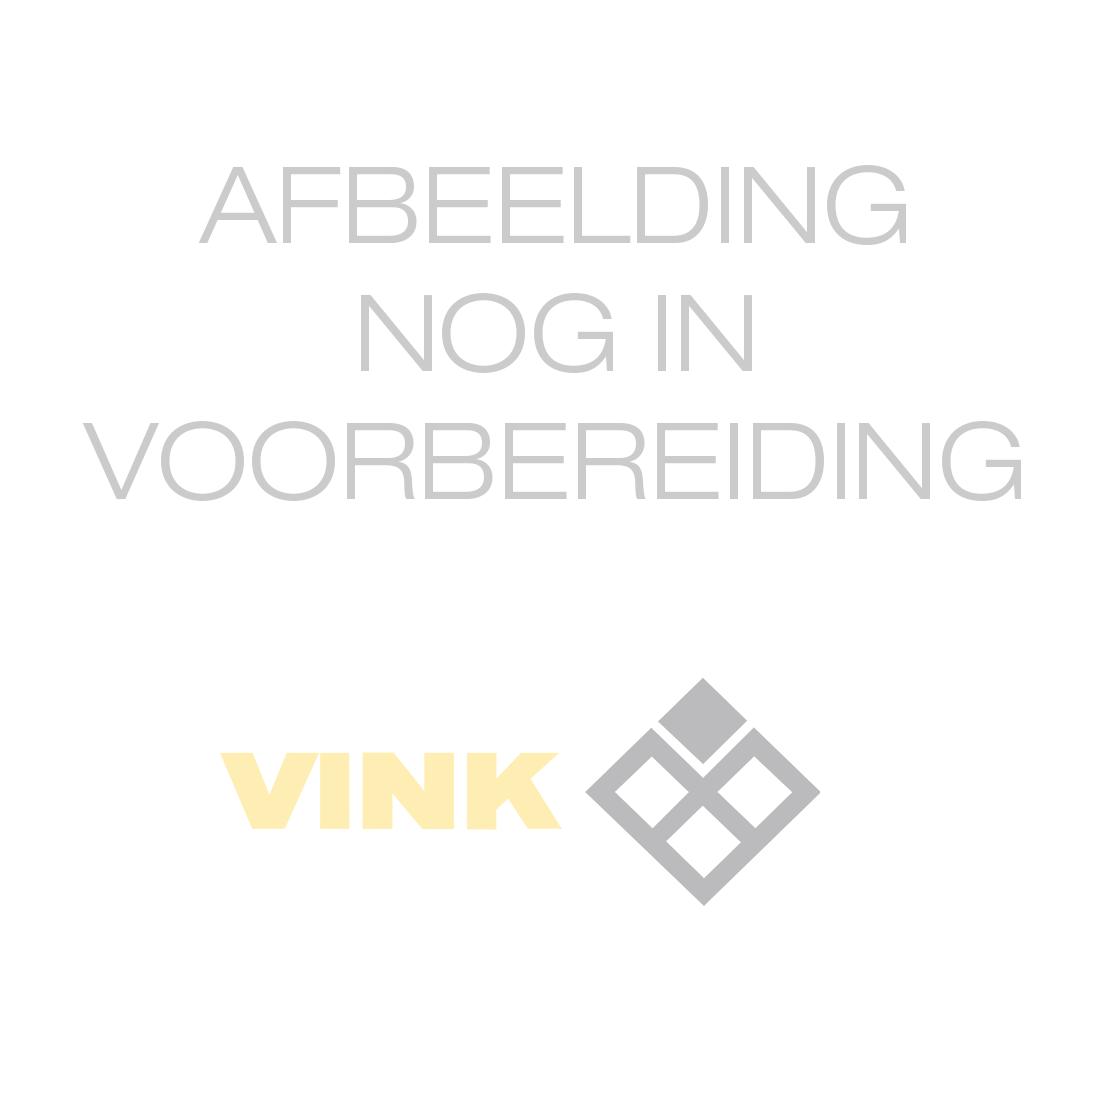 GF ABS VERLOOPSTUK KORT d75 -d63 LIJMEIND/SOK PN10 729900364